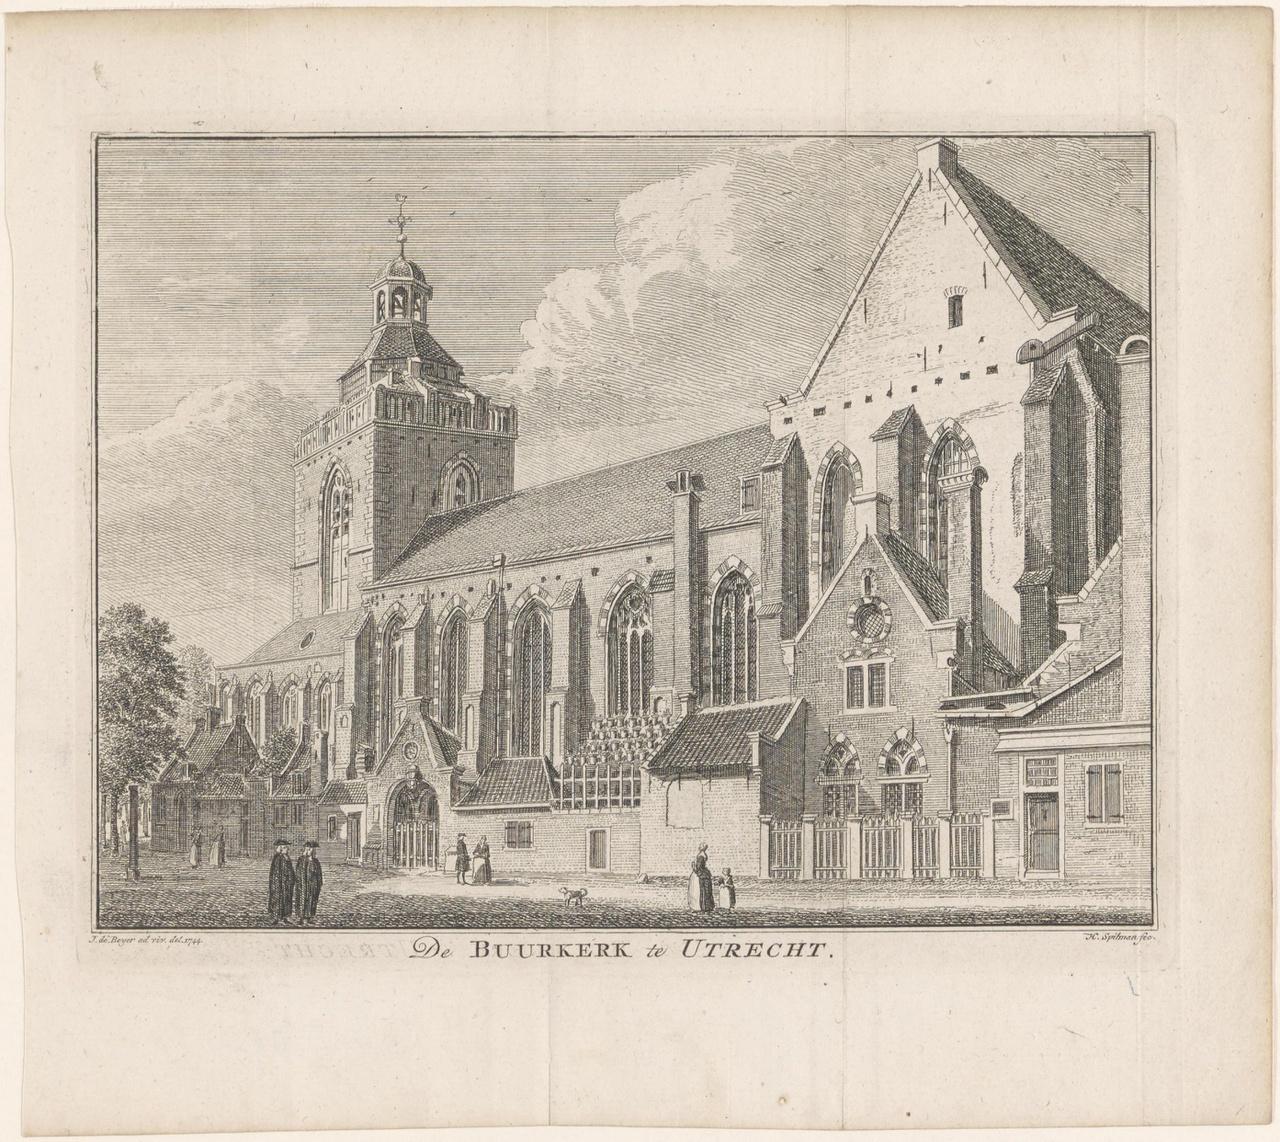 Gezicht op de Buurkerk te Utrecht